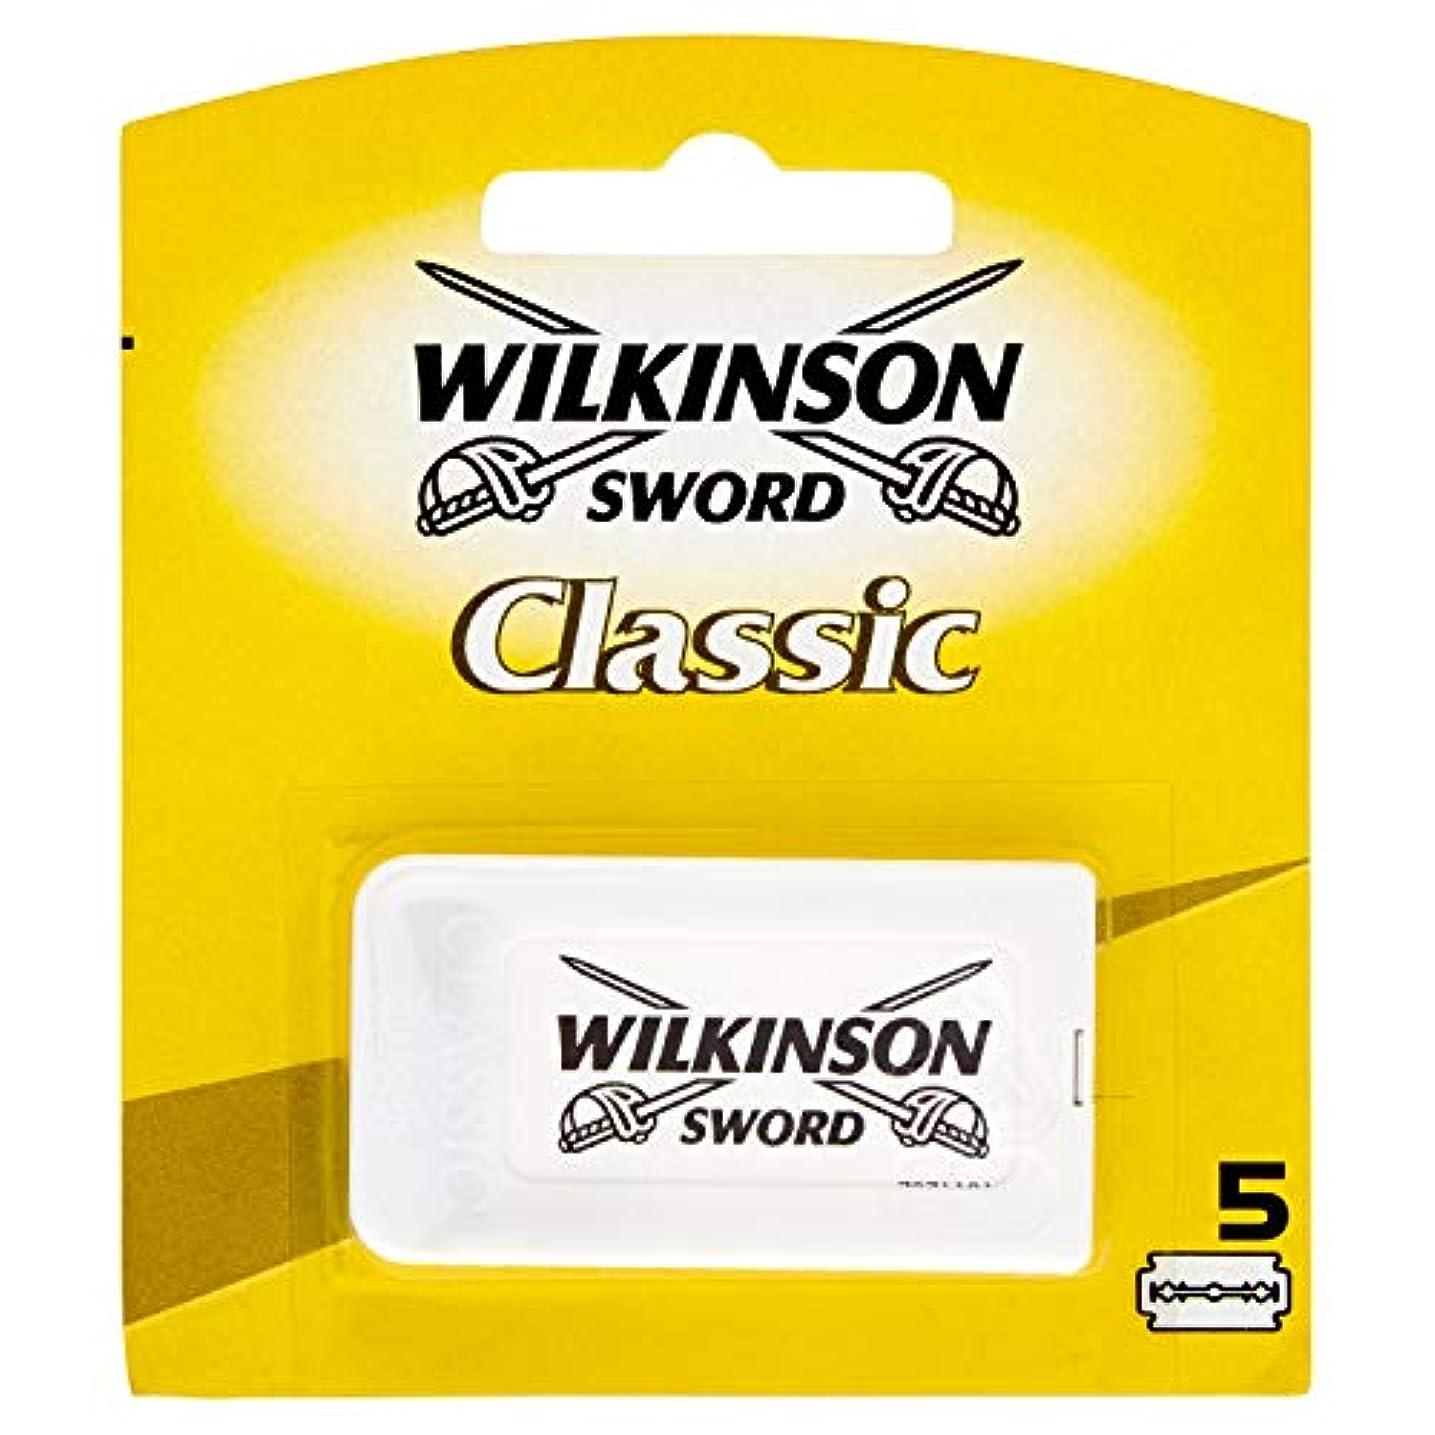 差別する女の子レーニン主義Wilkinson Sword(ウィルキンソンソード) Classic 両刃替刃 5個入り [並行輸入品]